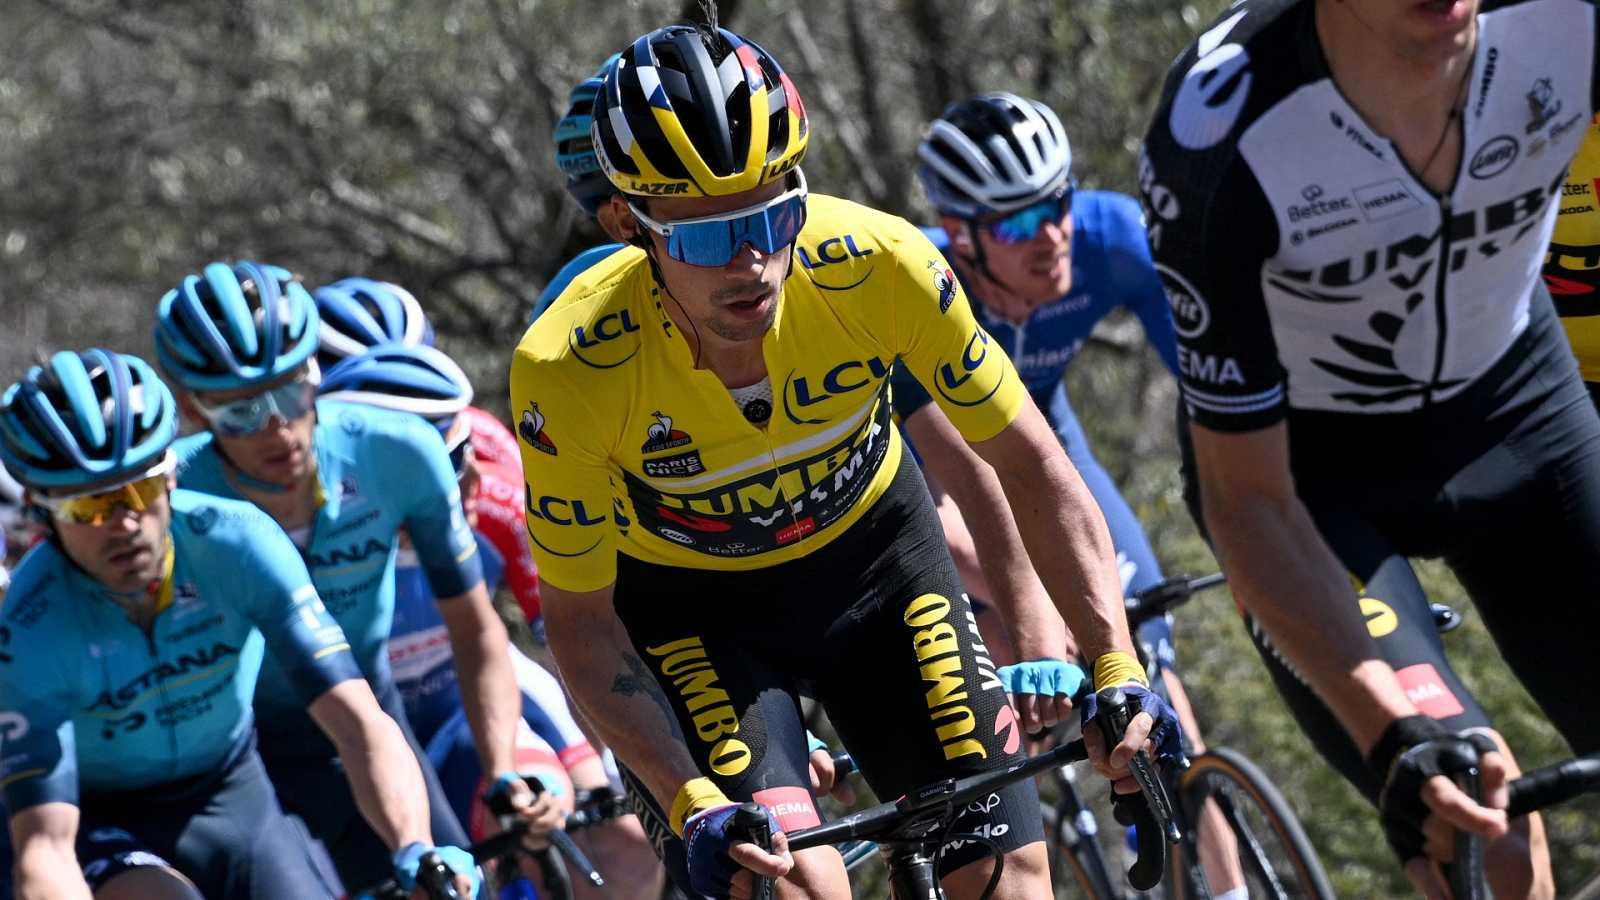 Ciclismo - París - Niza. 7ª etapa: Nice-Valdeblore La Colmiane - ver ahora